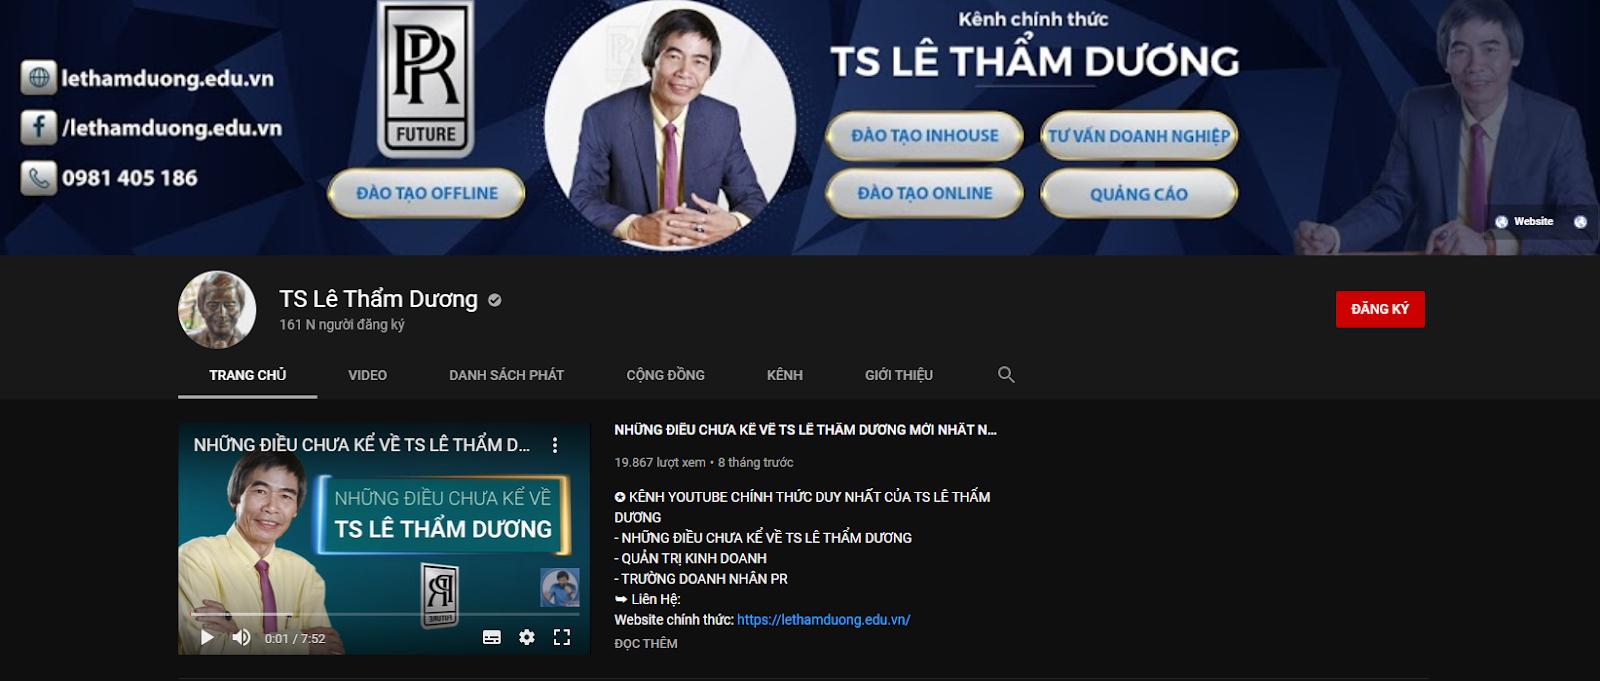 Học đầu tư chứng khoán online-Theo dõi kênh Youtube